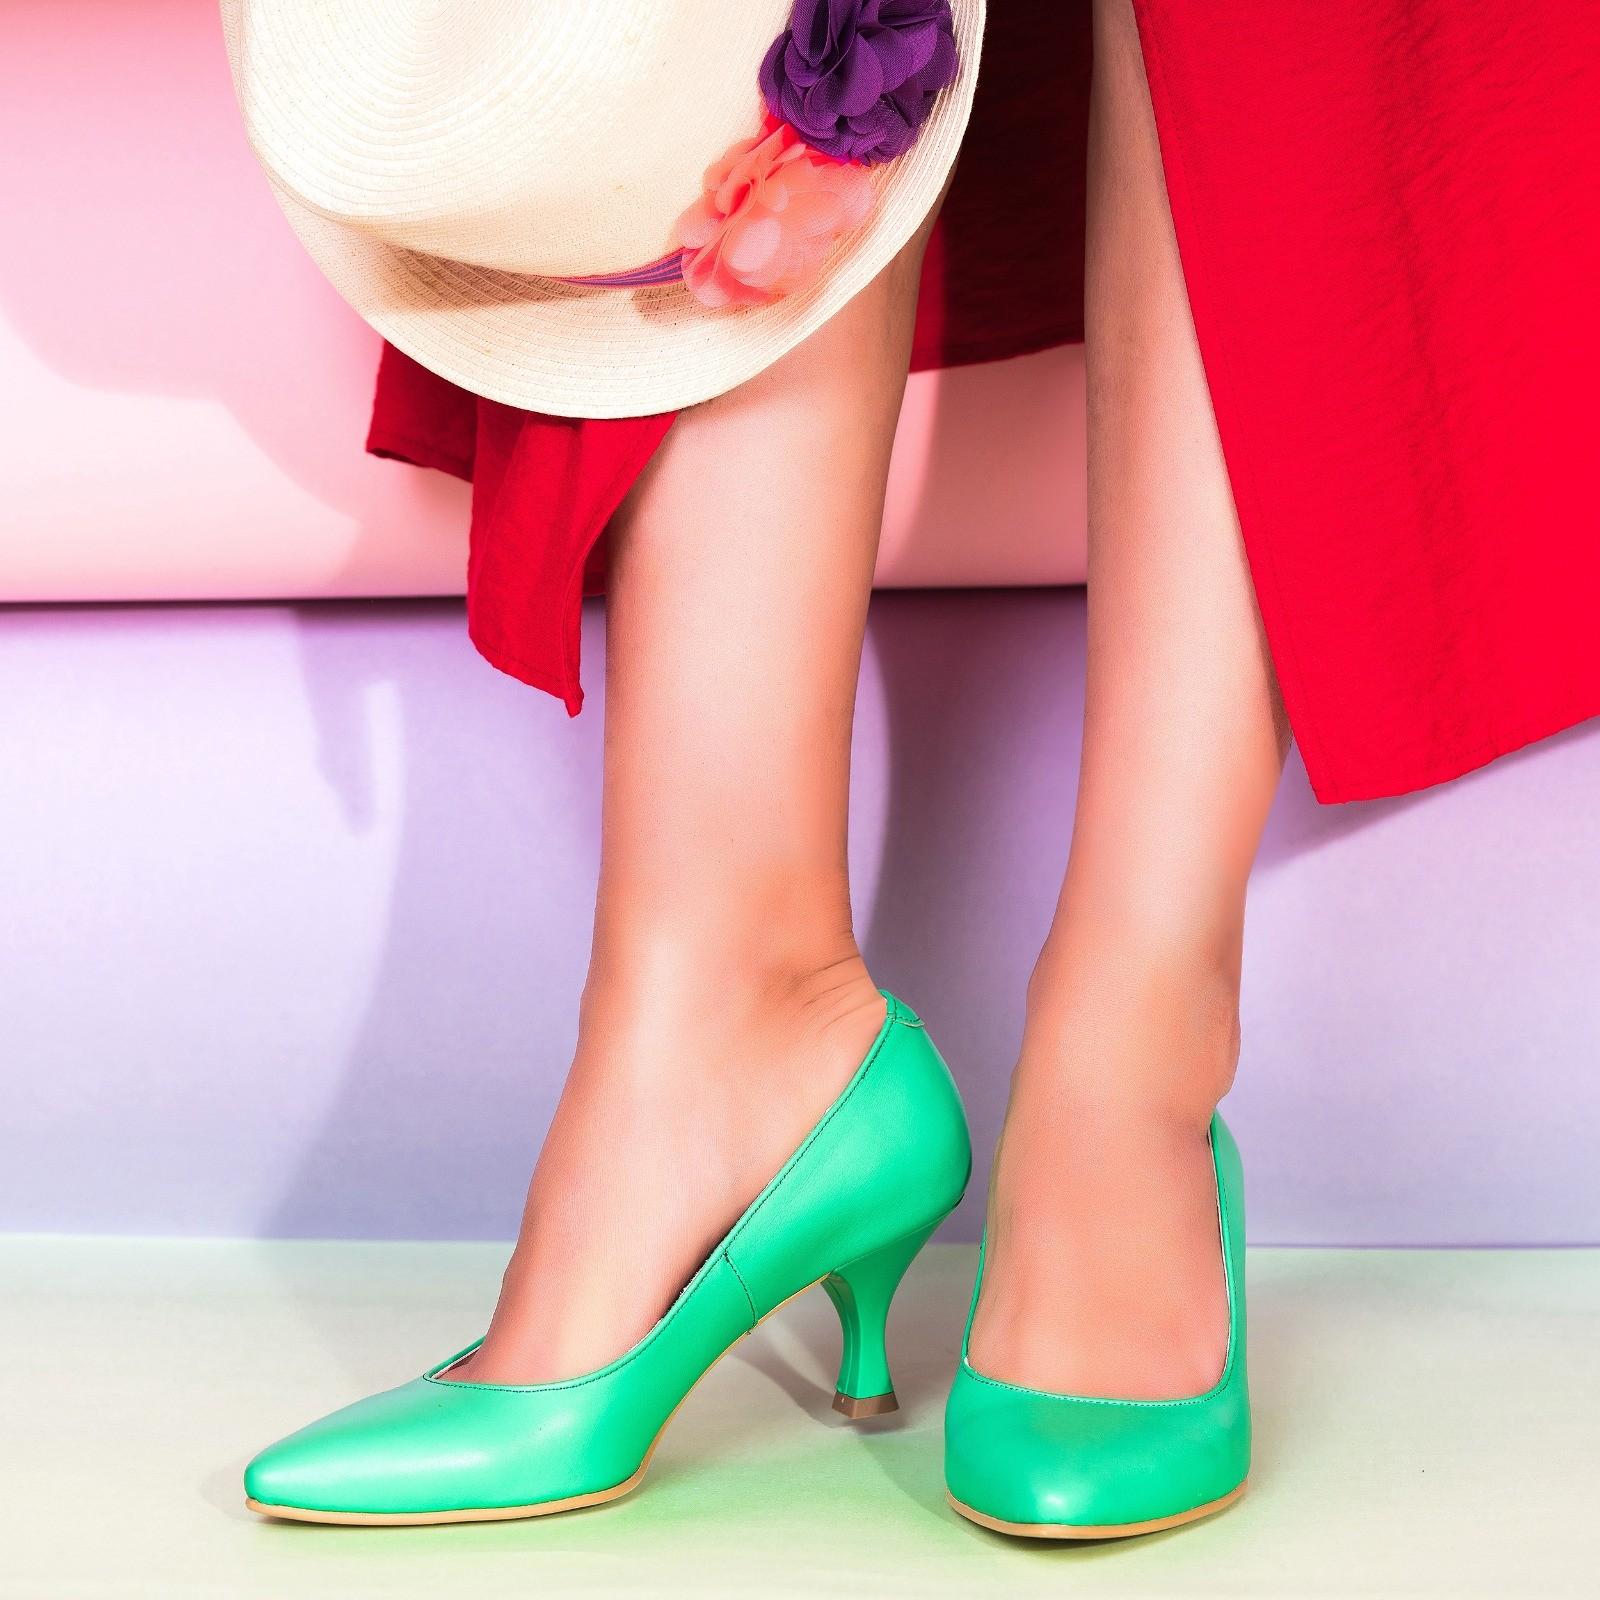 Pantofi Piele Verde Toc Mic Evazat C57 - Orice Culoare - orice culoare